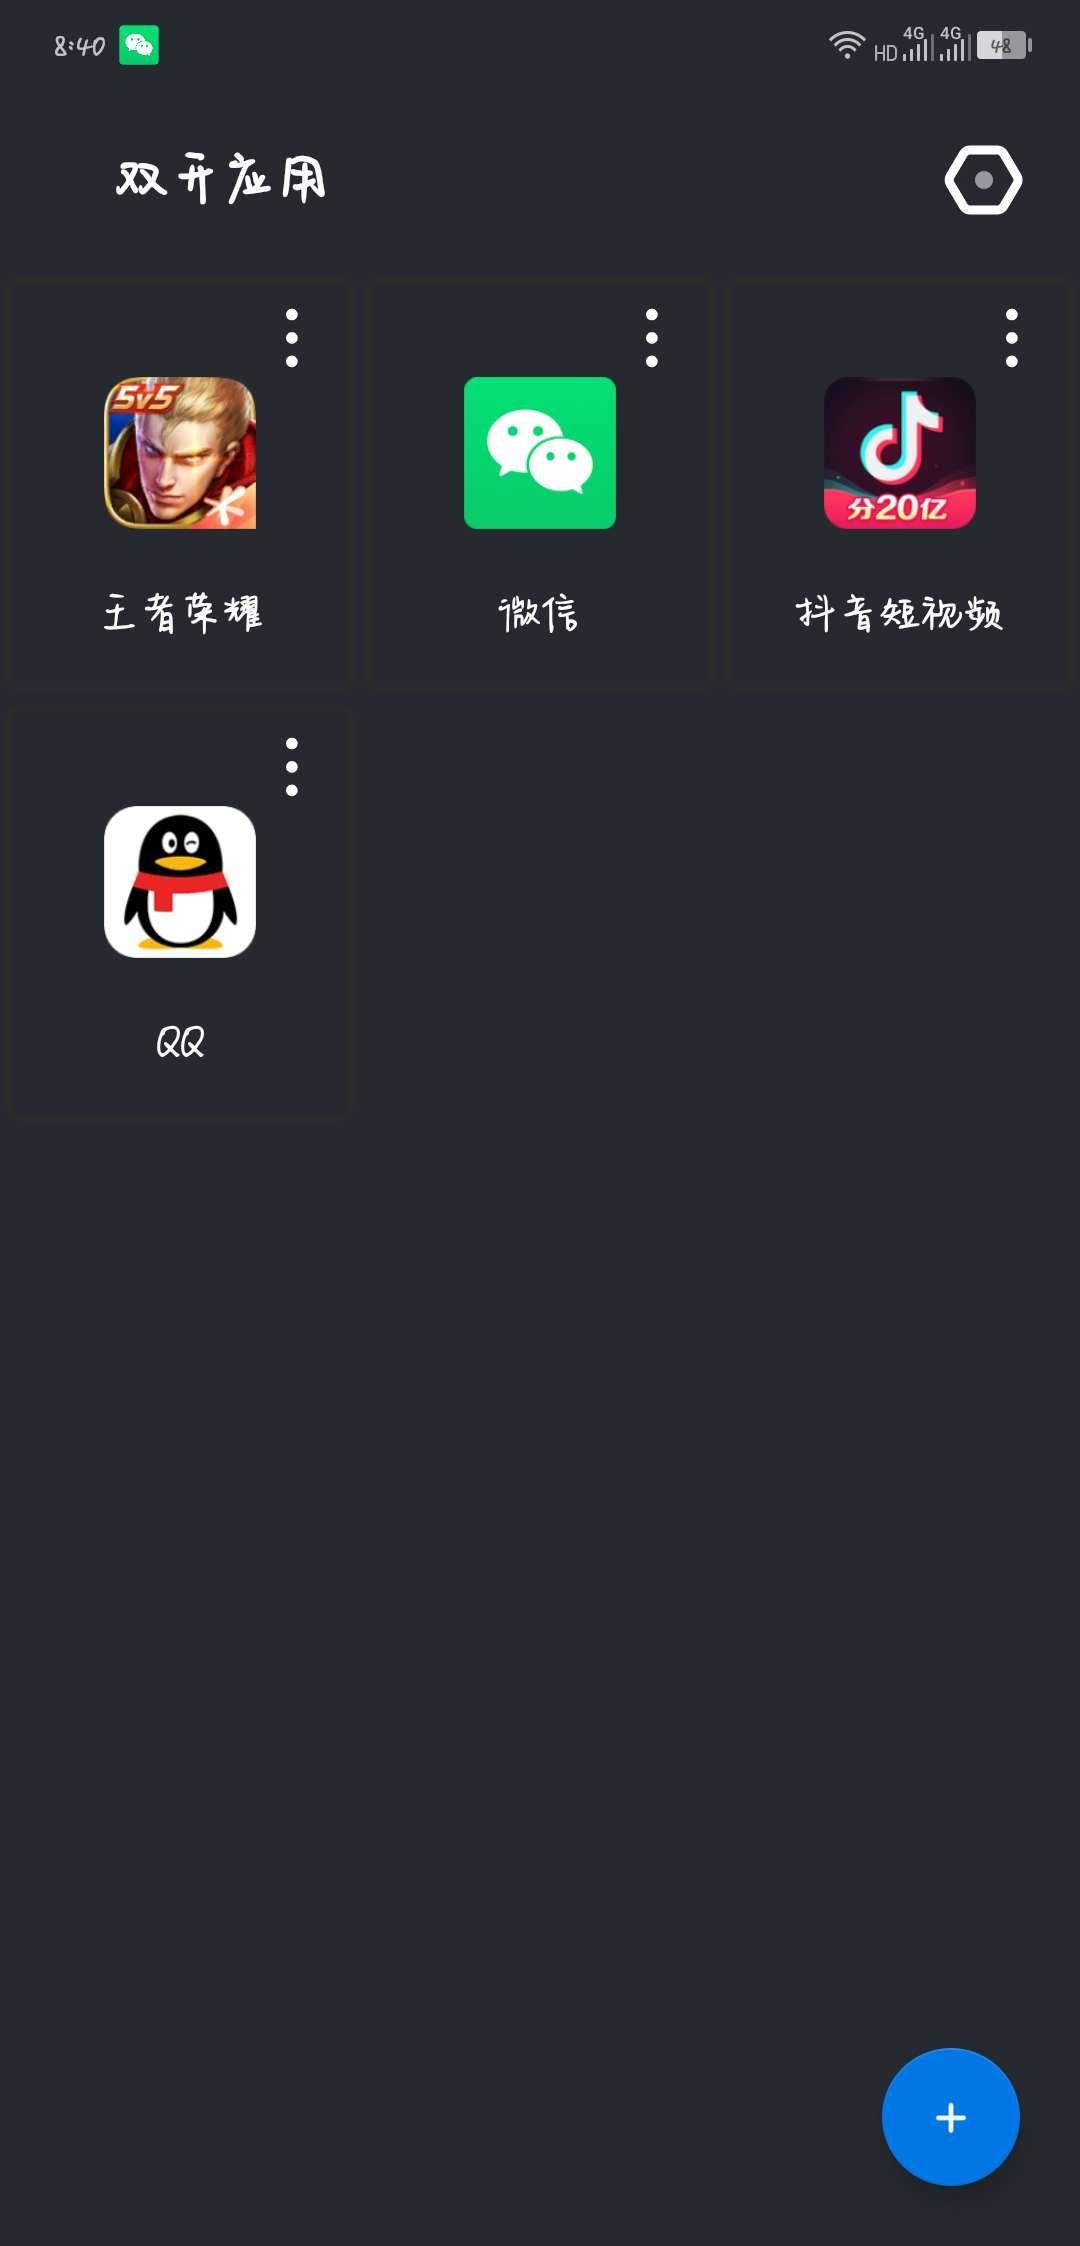 【分享】双开应用v1.3.1 解锁VIP/可修改王者战区